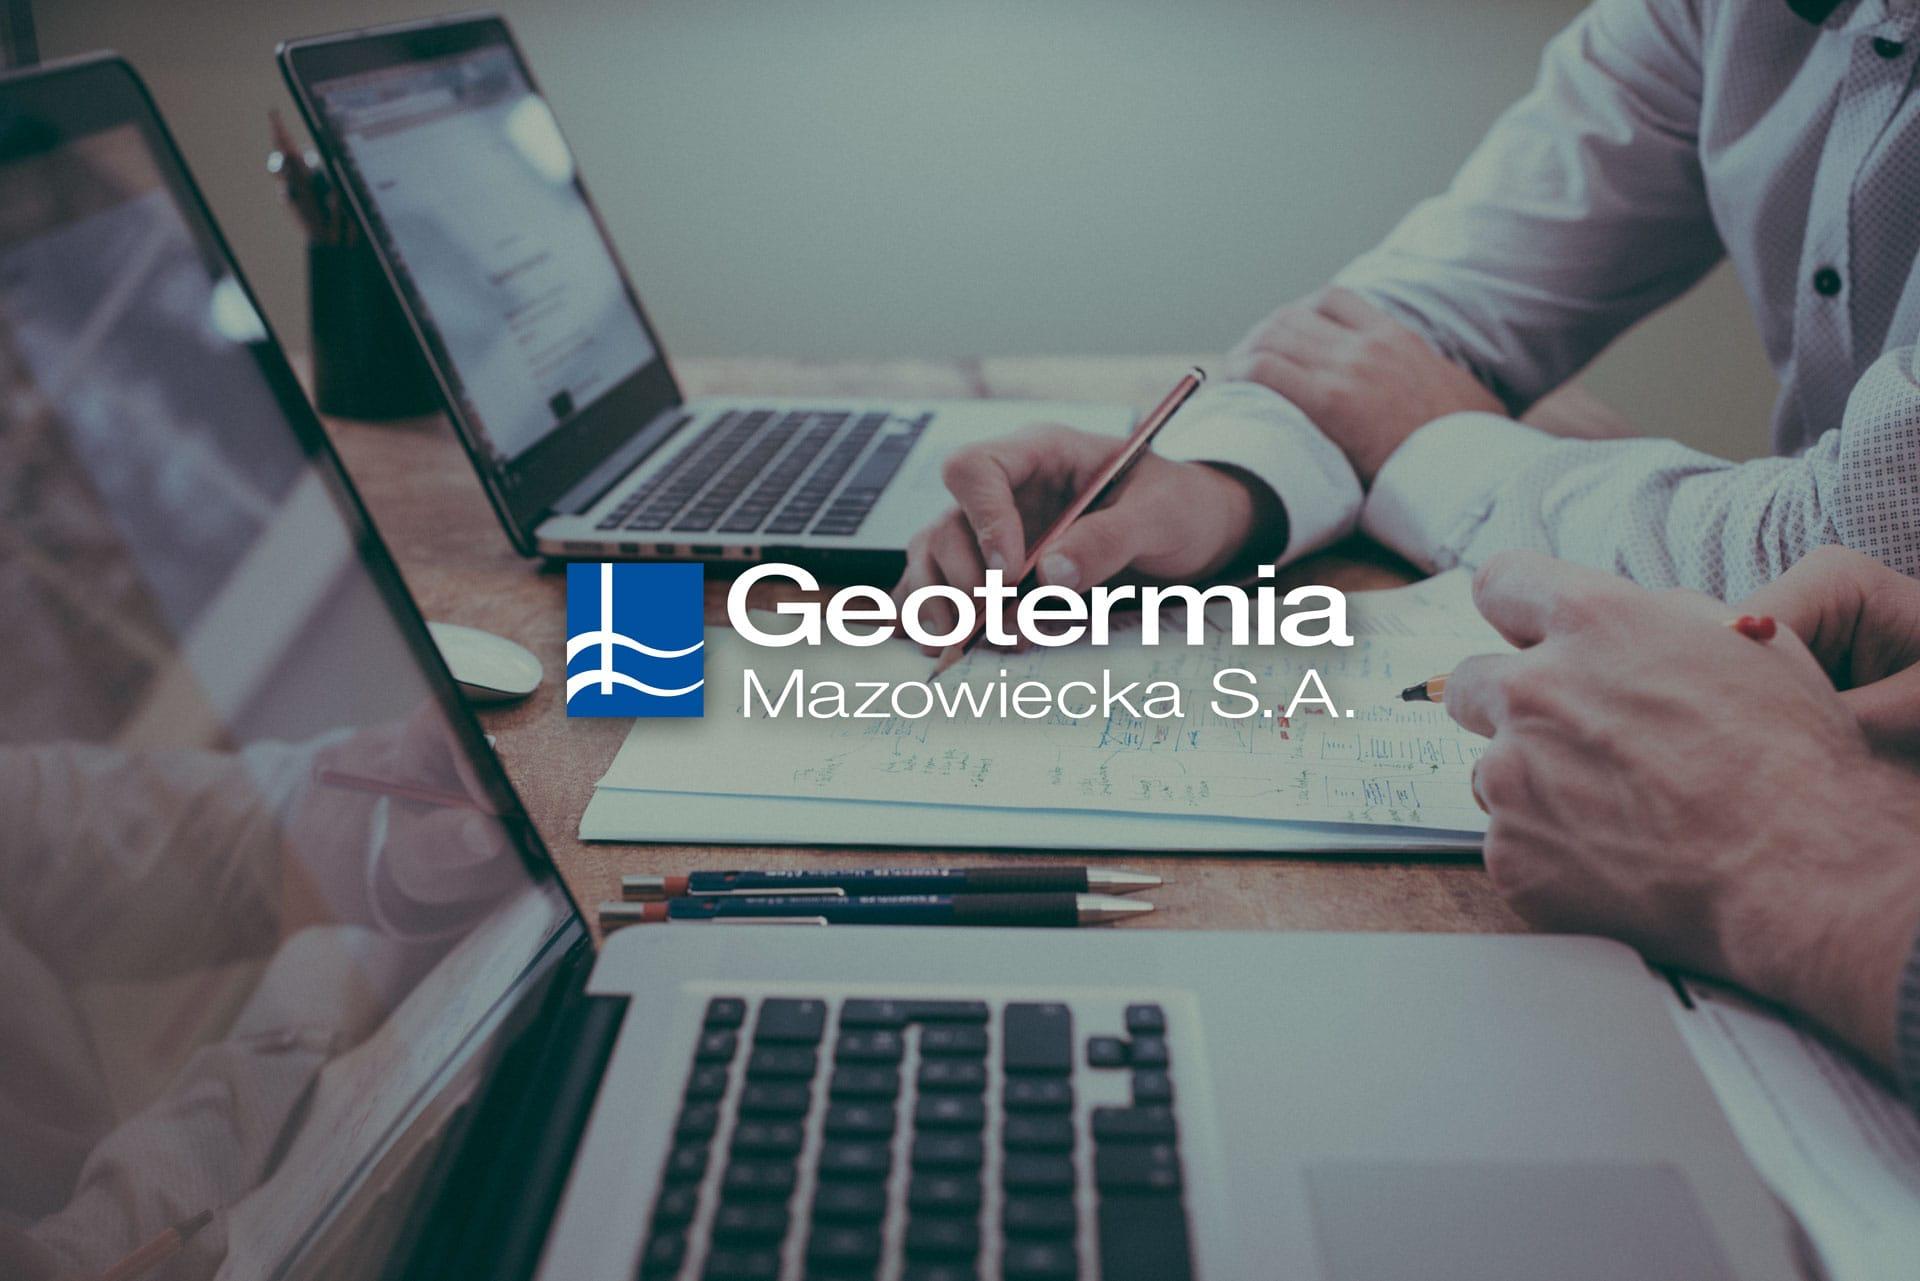 Geotermia Mazowiecka S.A. zestaw brandingowy, rebranding logo, akcydensy firmowe, strona internetowa